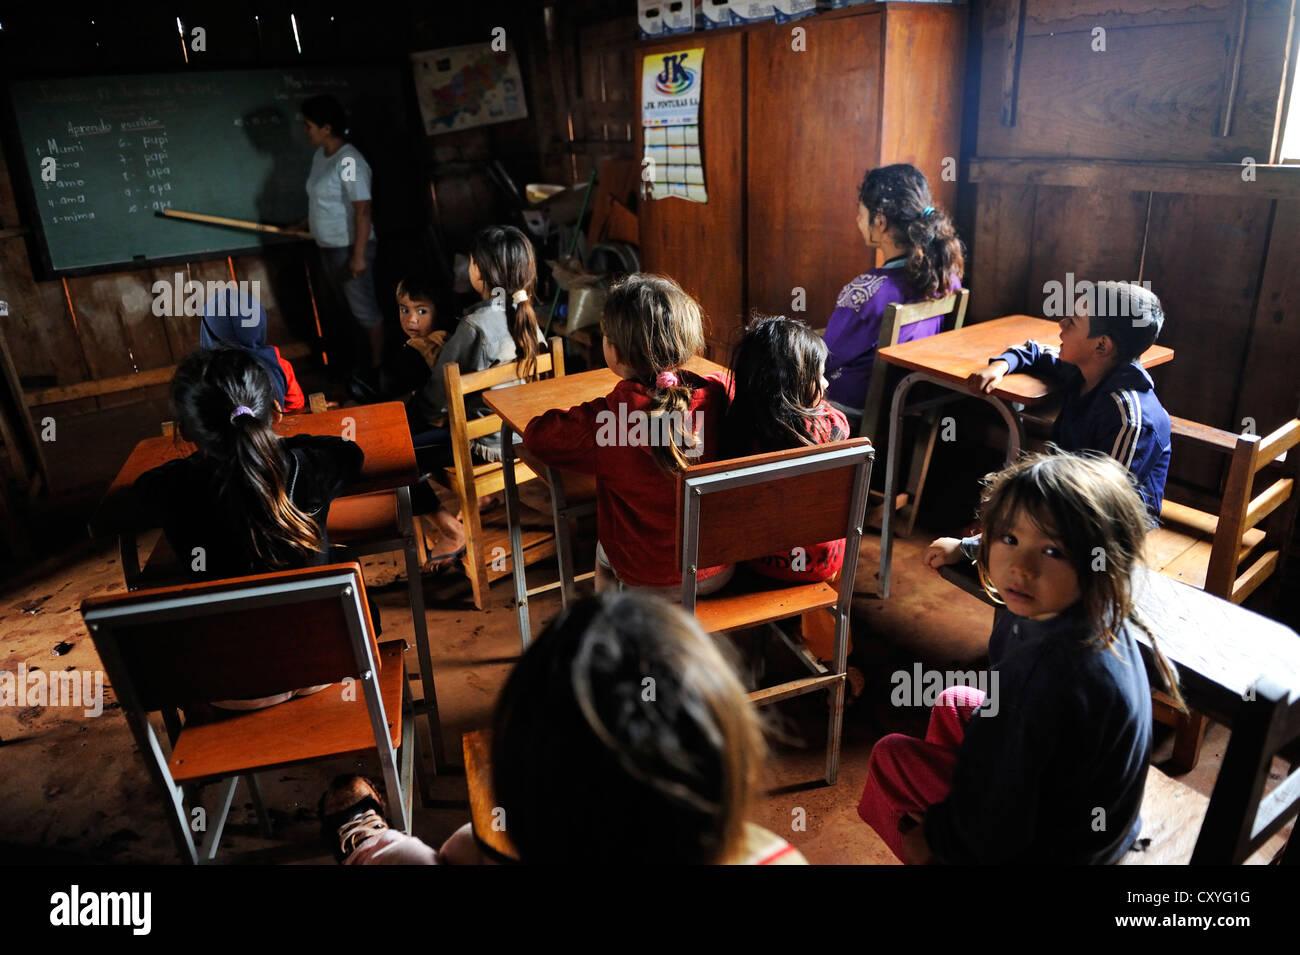 Reconstruido provisionalmente la escuela en una aldea de los pequeños agricultores, quienes fueron expulsados de sus tierras por parte de los inversores y propietarios Foto de stock